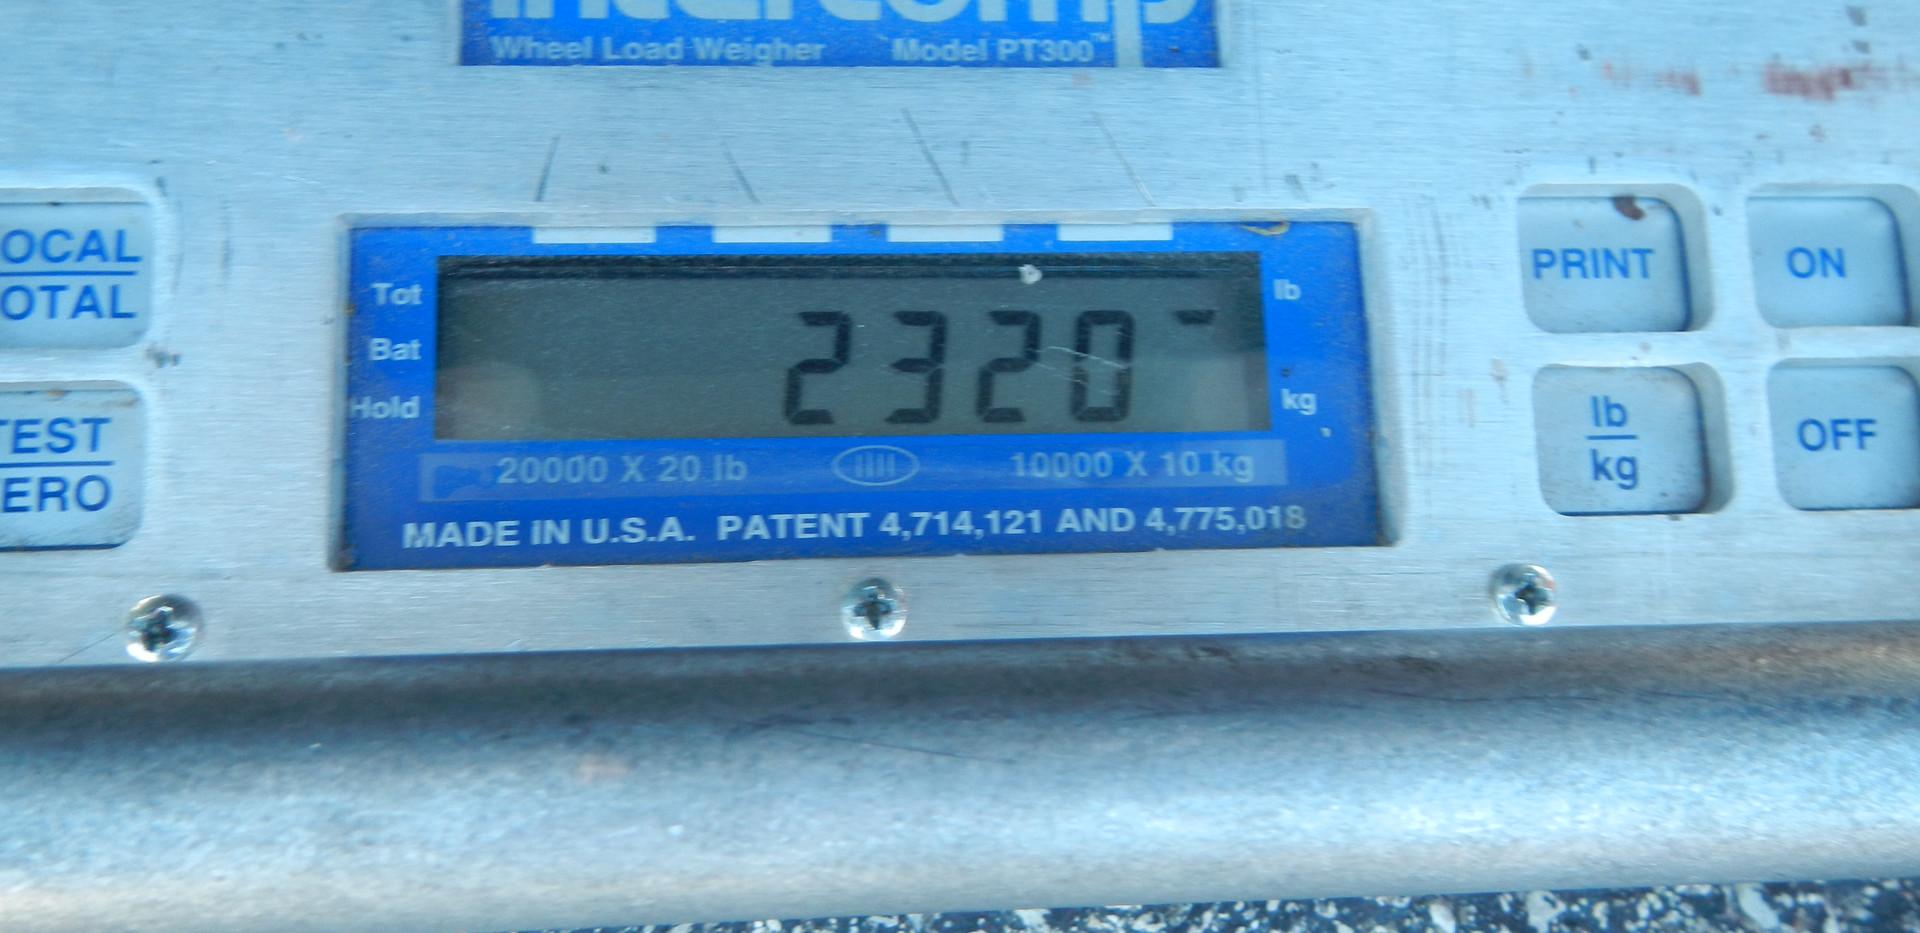 DSCN9570.JPG